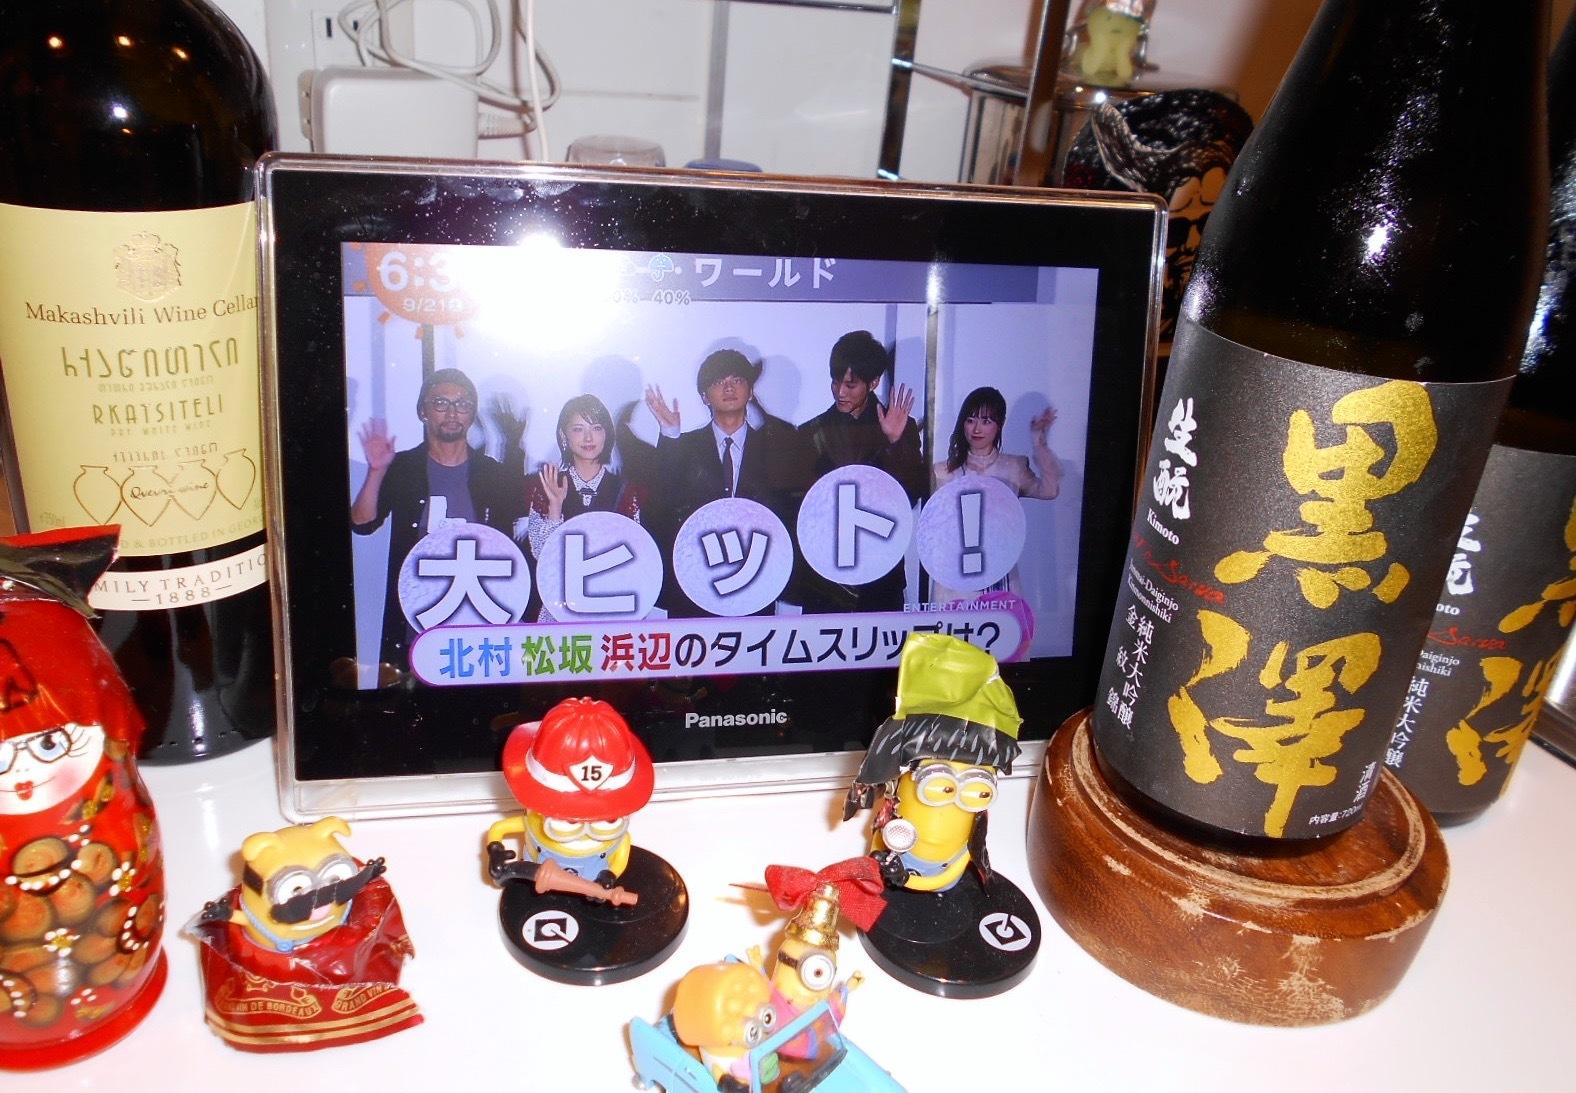 kurosawa_kinmon29by2_1.jpg